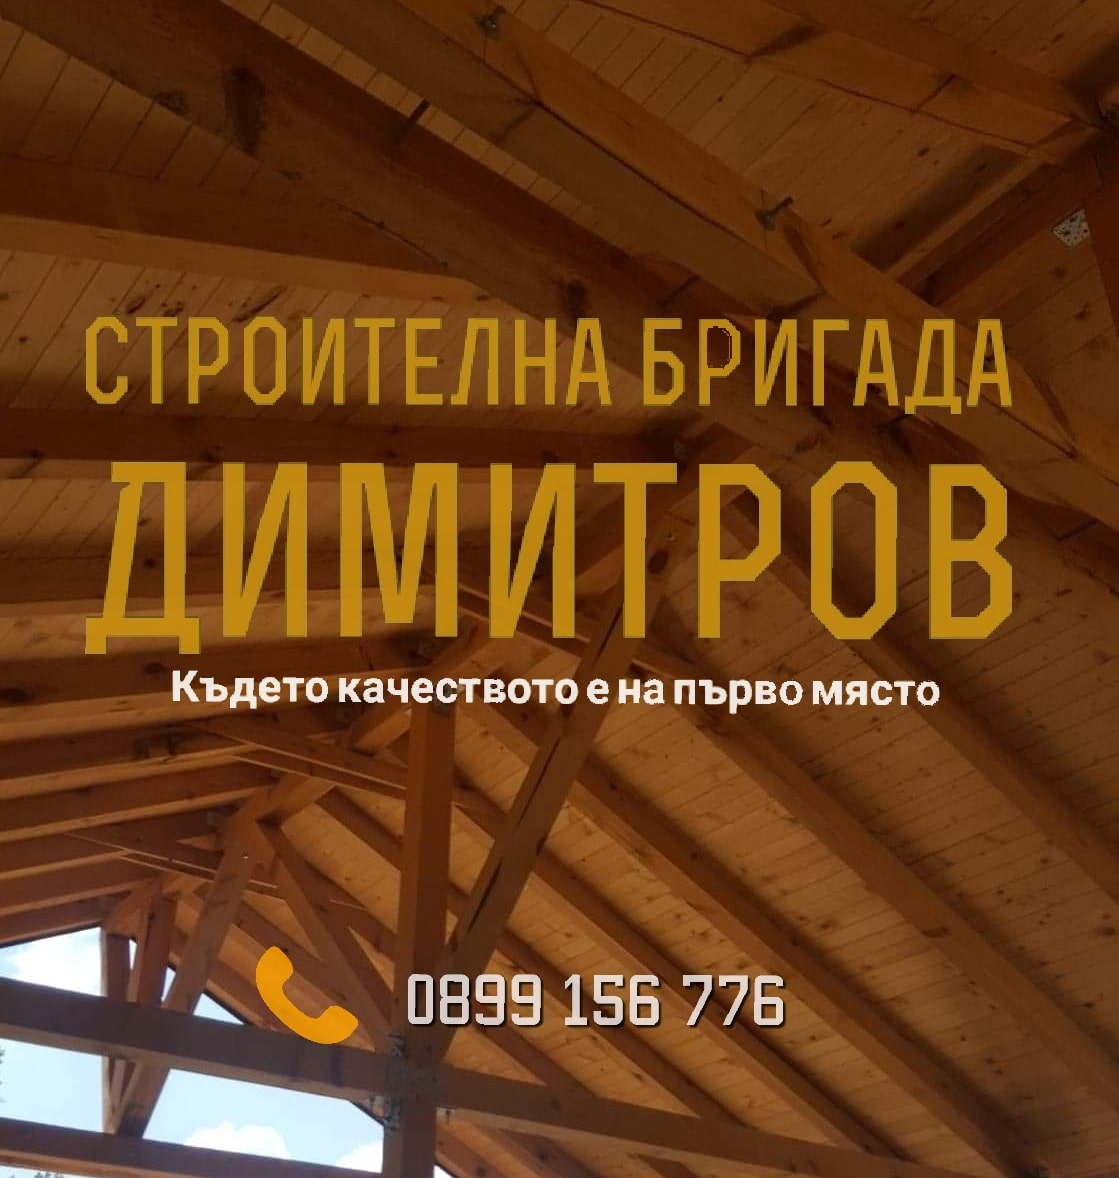 -изграждане-на-нови-покриви-в-област-Пазарджик-от-Строителна-бригада-Димитров